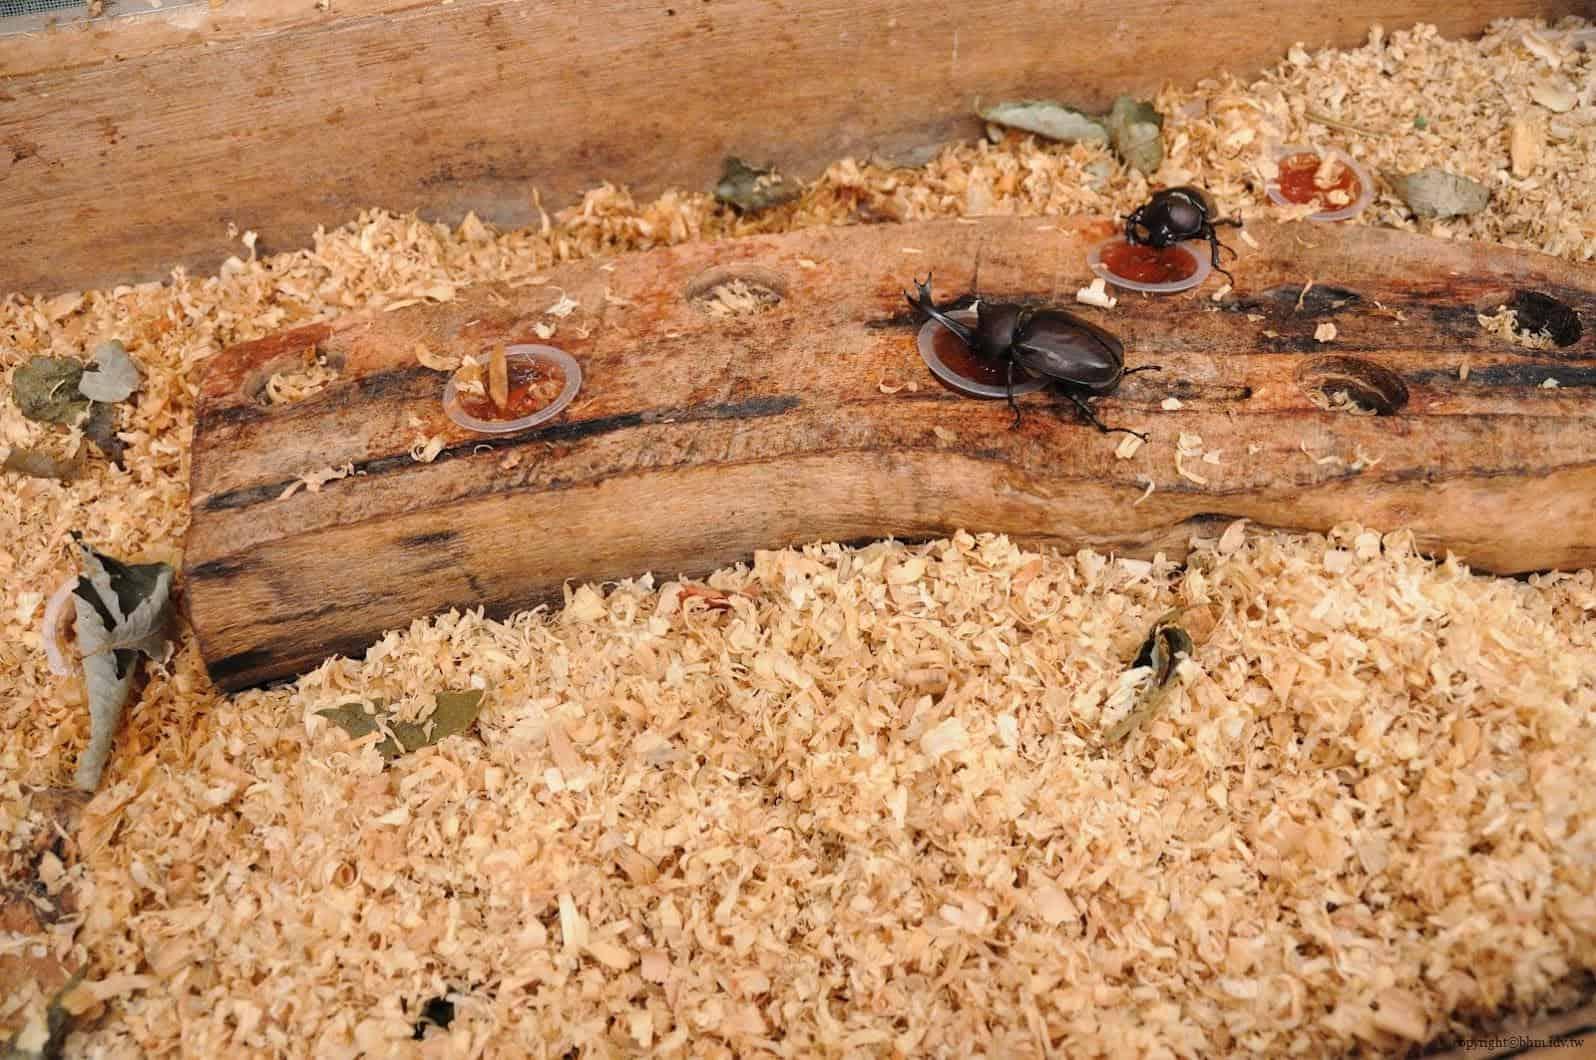 手塚貴晴+手塚由比,十日町市立里山科學館「森林學校」,介紹松之山區域自然與文化的自然科學館,裡面最讓我驚訝的甲蟲就這樣近距離讓遊客接觸,也第一次了解他們食物,處處充滿驚喜 十日町市立里山科學館 十日町市立里山科學館/森林學校 echigo matsunoyama museum of natural science 07